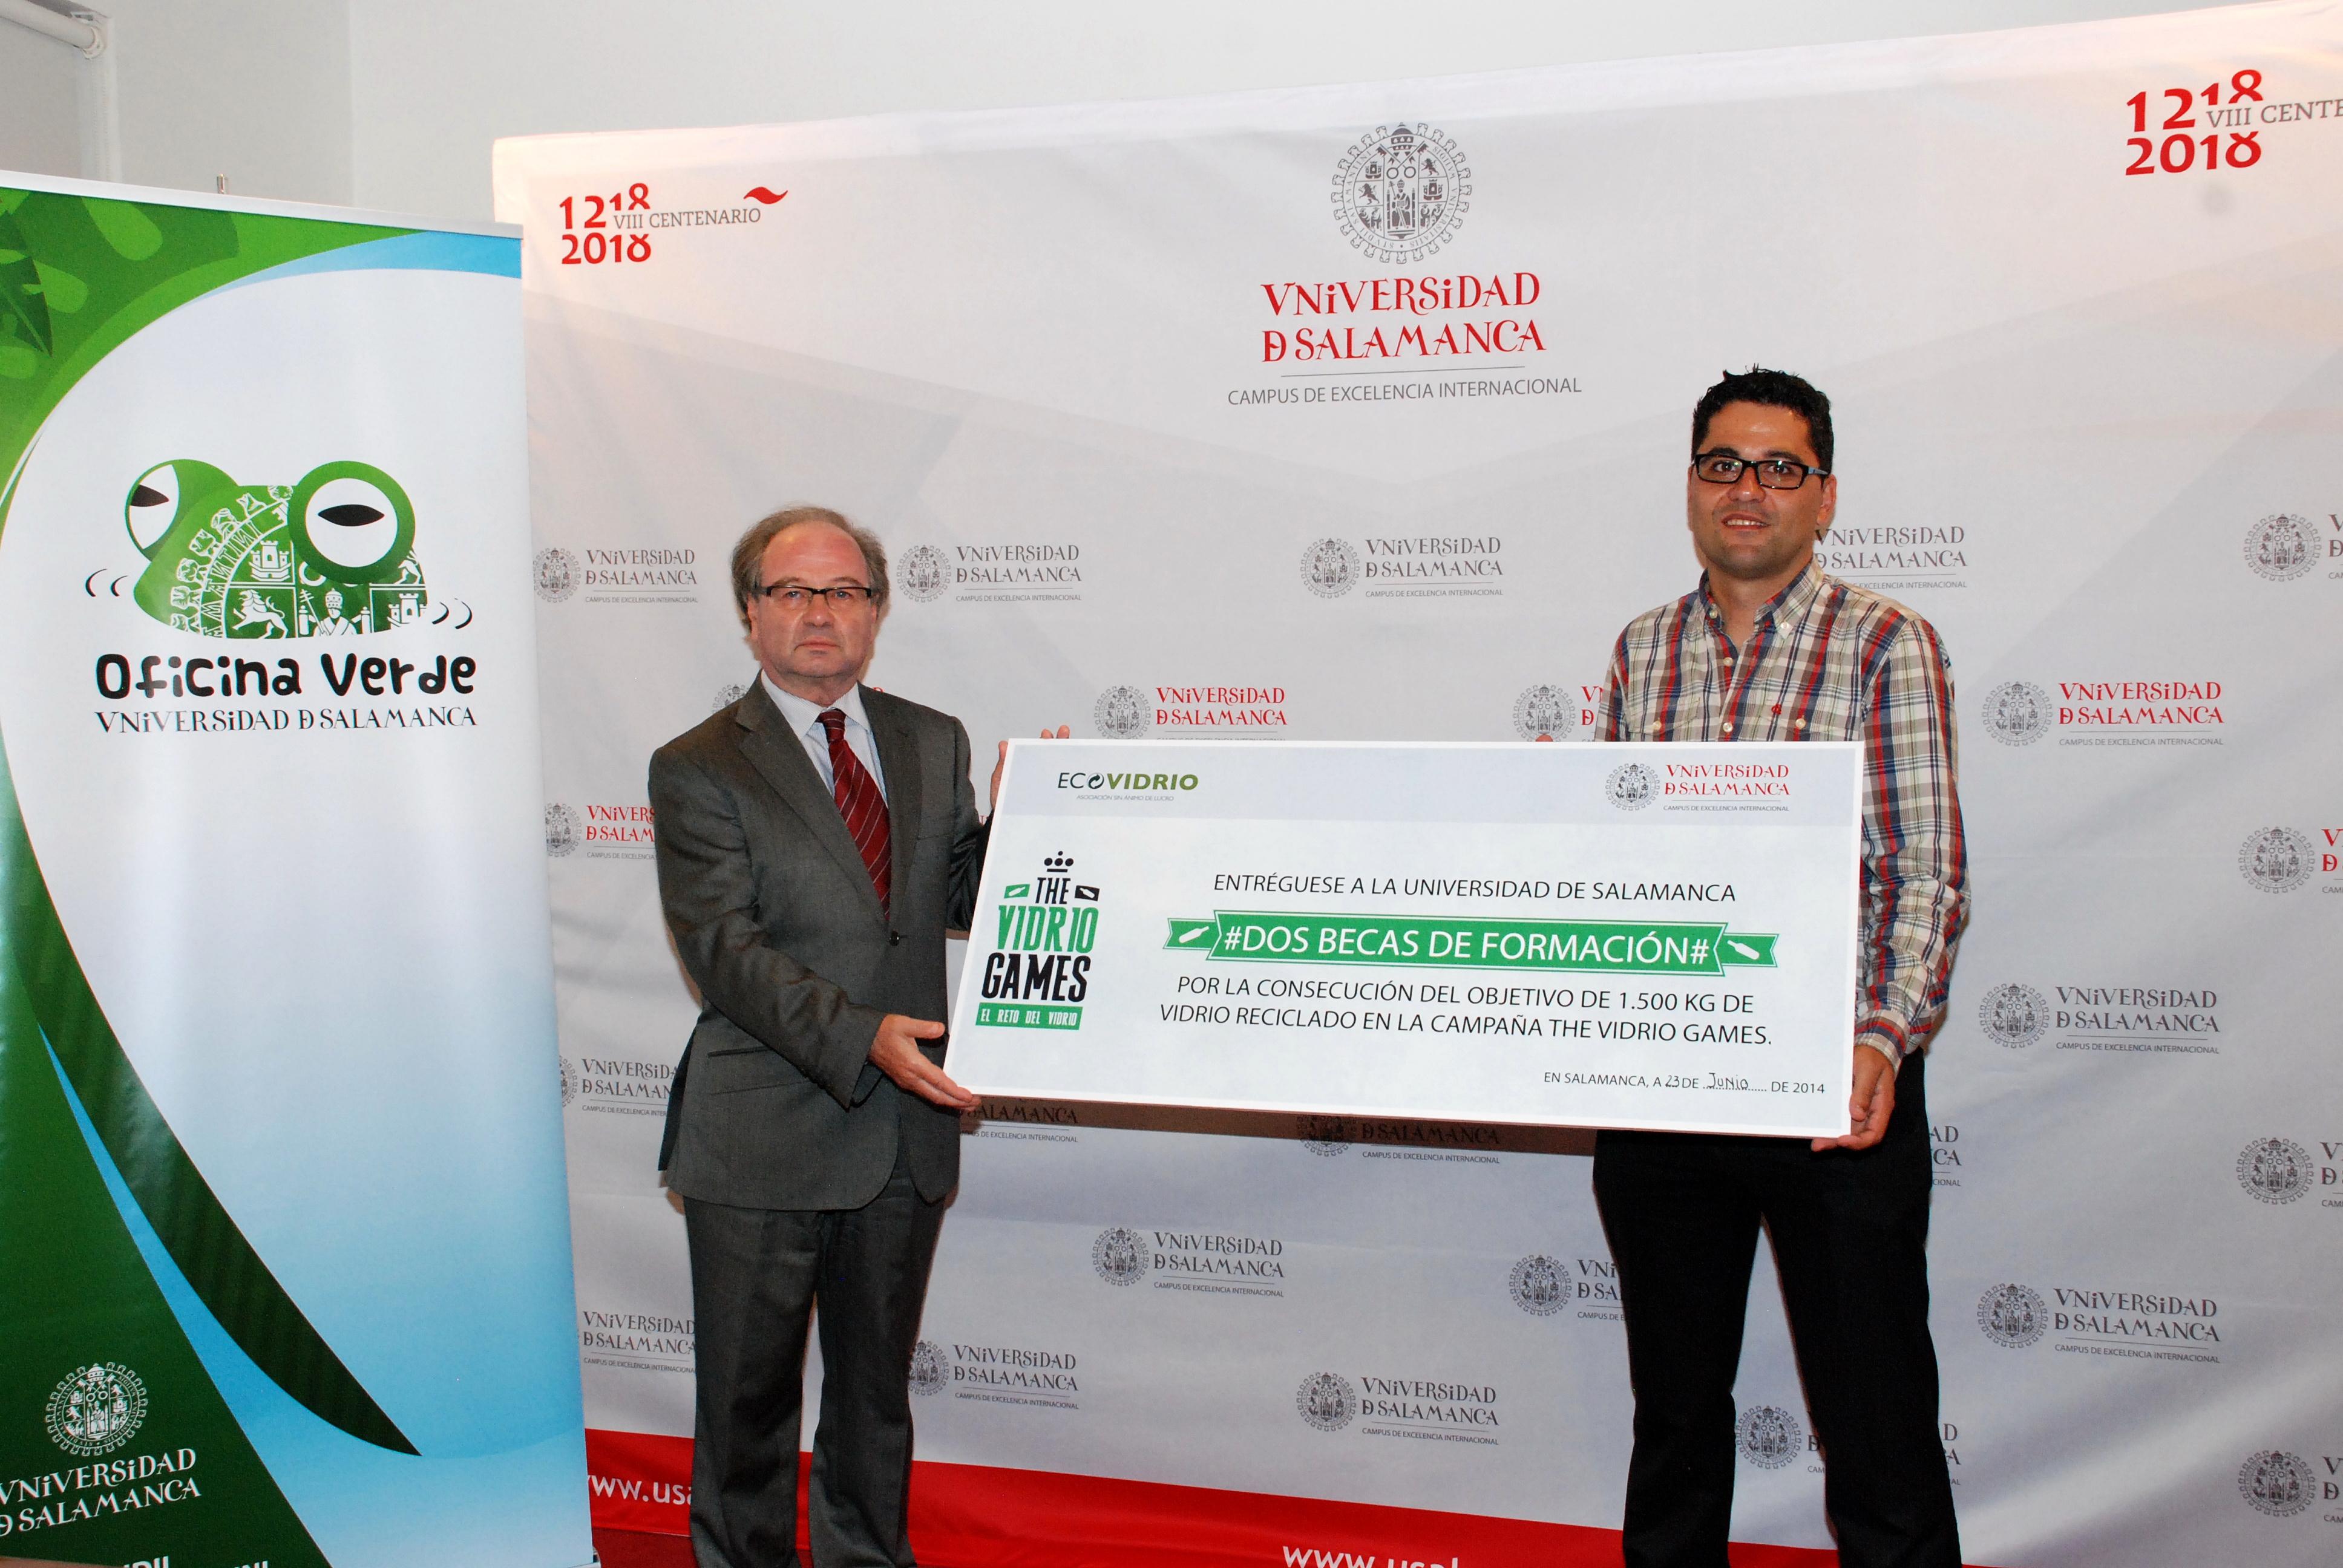 Ecovidrio premia a dos estudiantes de la Universidad de Salamanca con becas de formación por su compromiso con el reciclado de vidrio